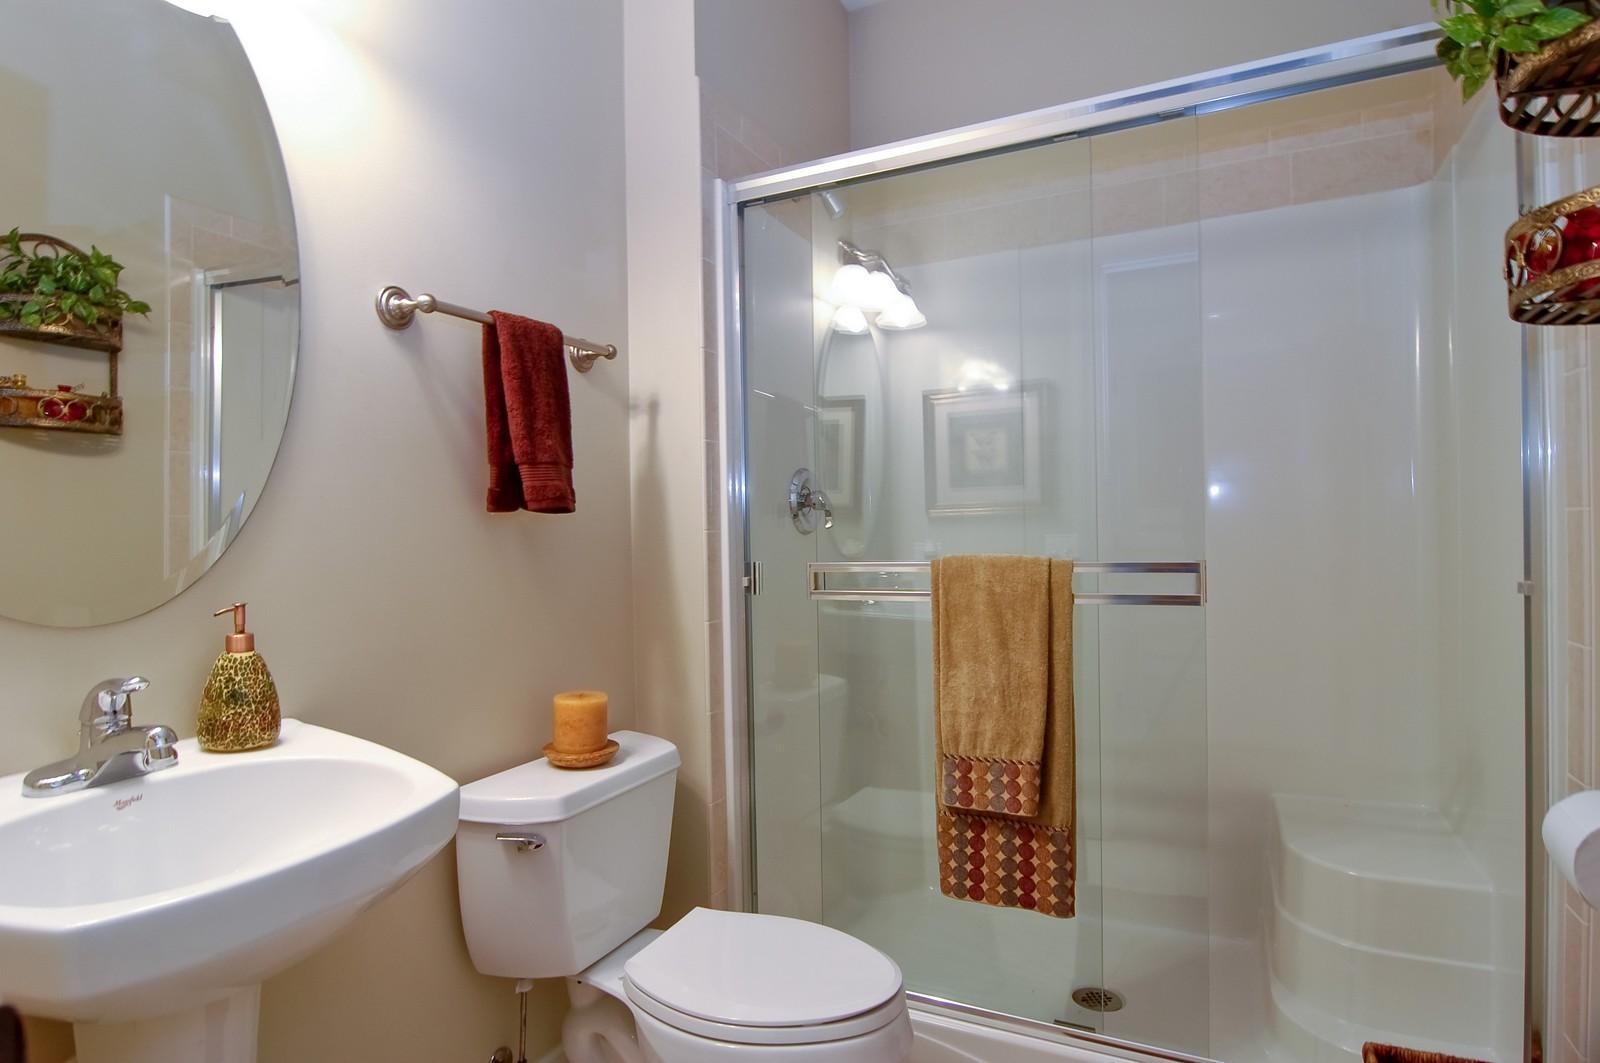 Real Estate Photography - 203 E. Lincoln, Wheaton, IL, 60187 - 4th Bathroom (1st Floor)